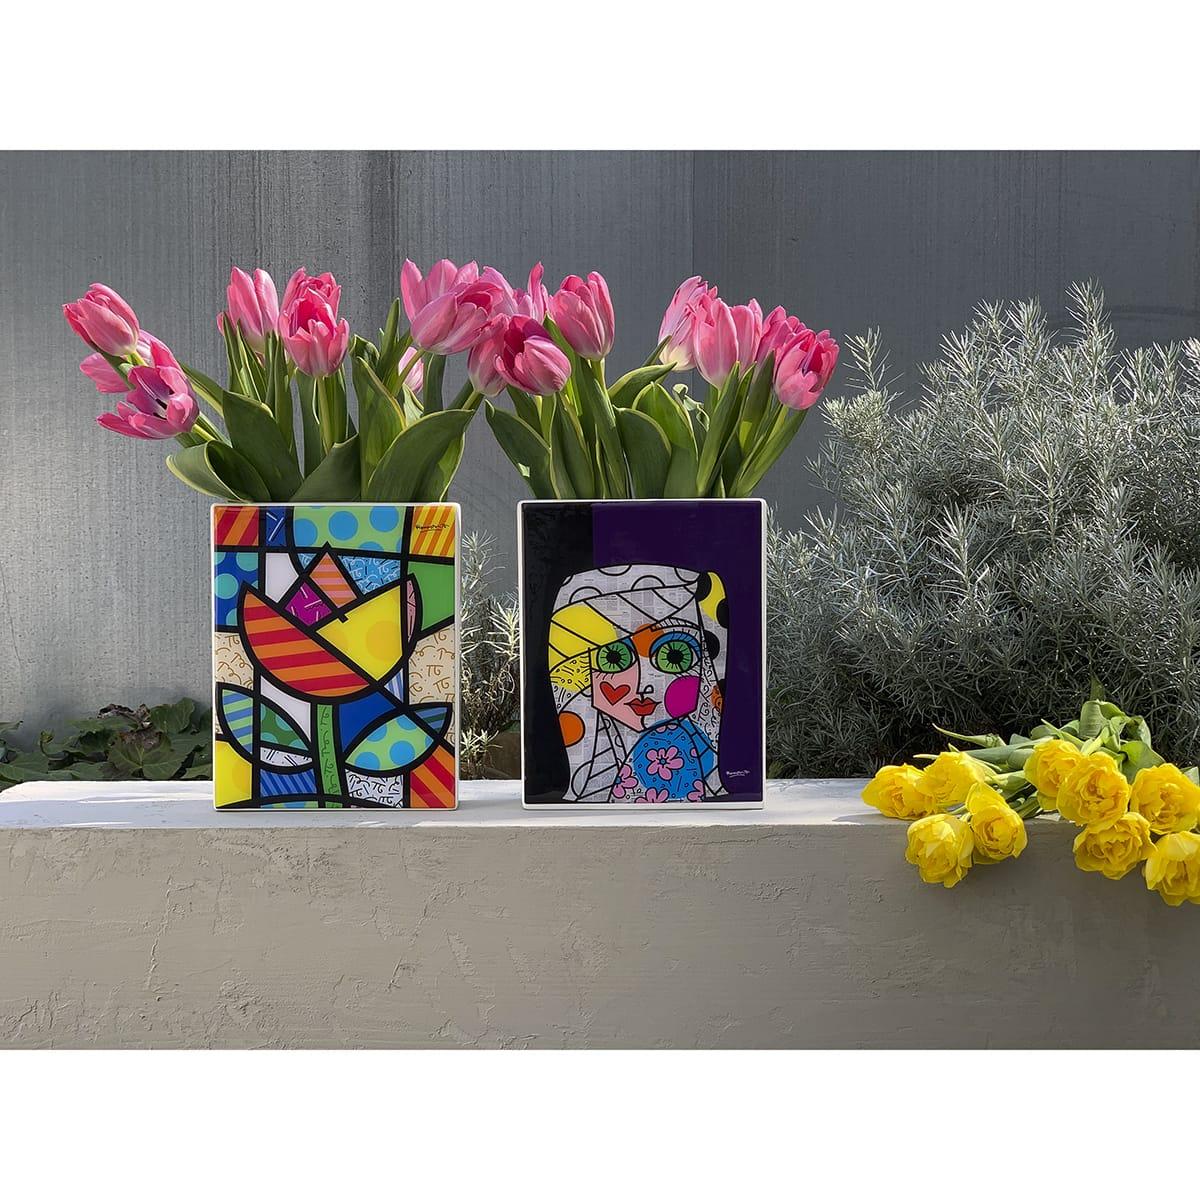 vasi colorati con tulipani rosa. Lo stile è quello di Romero Britto